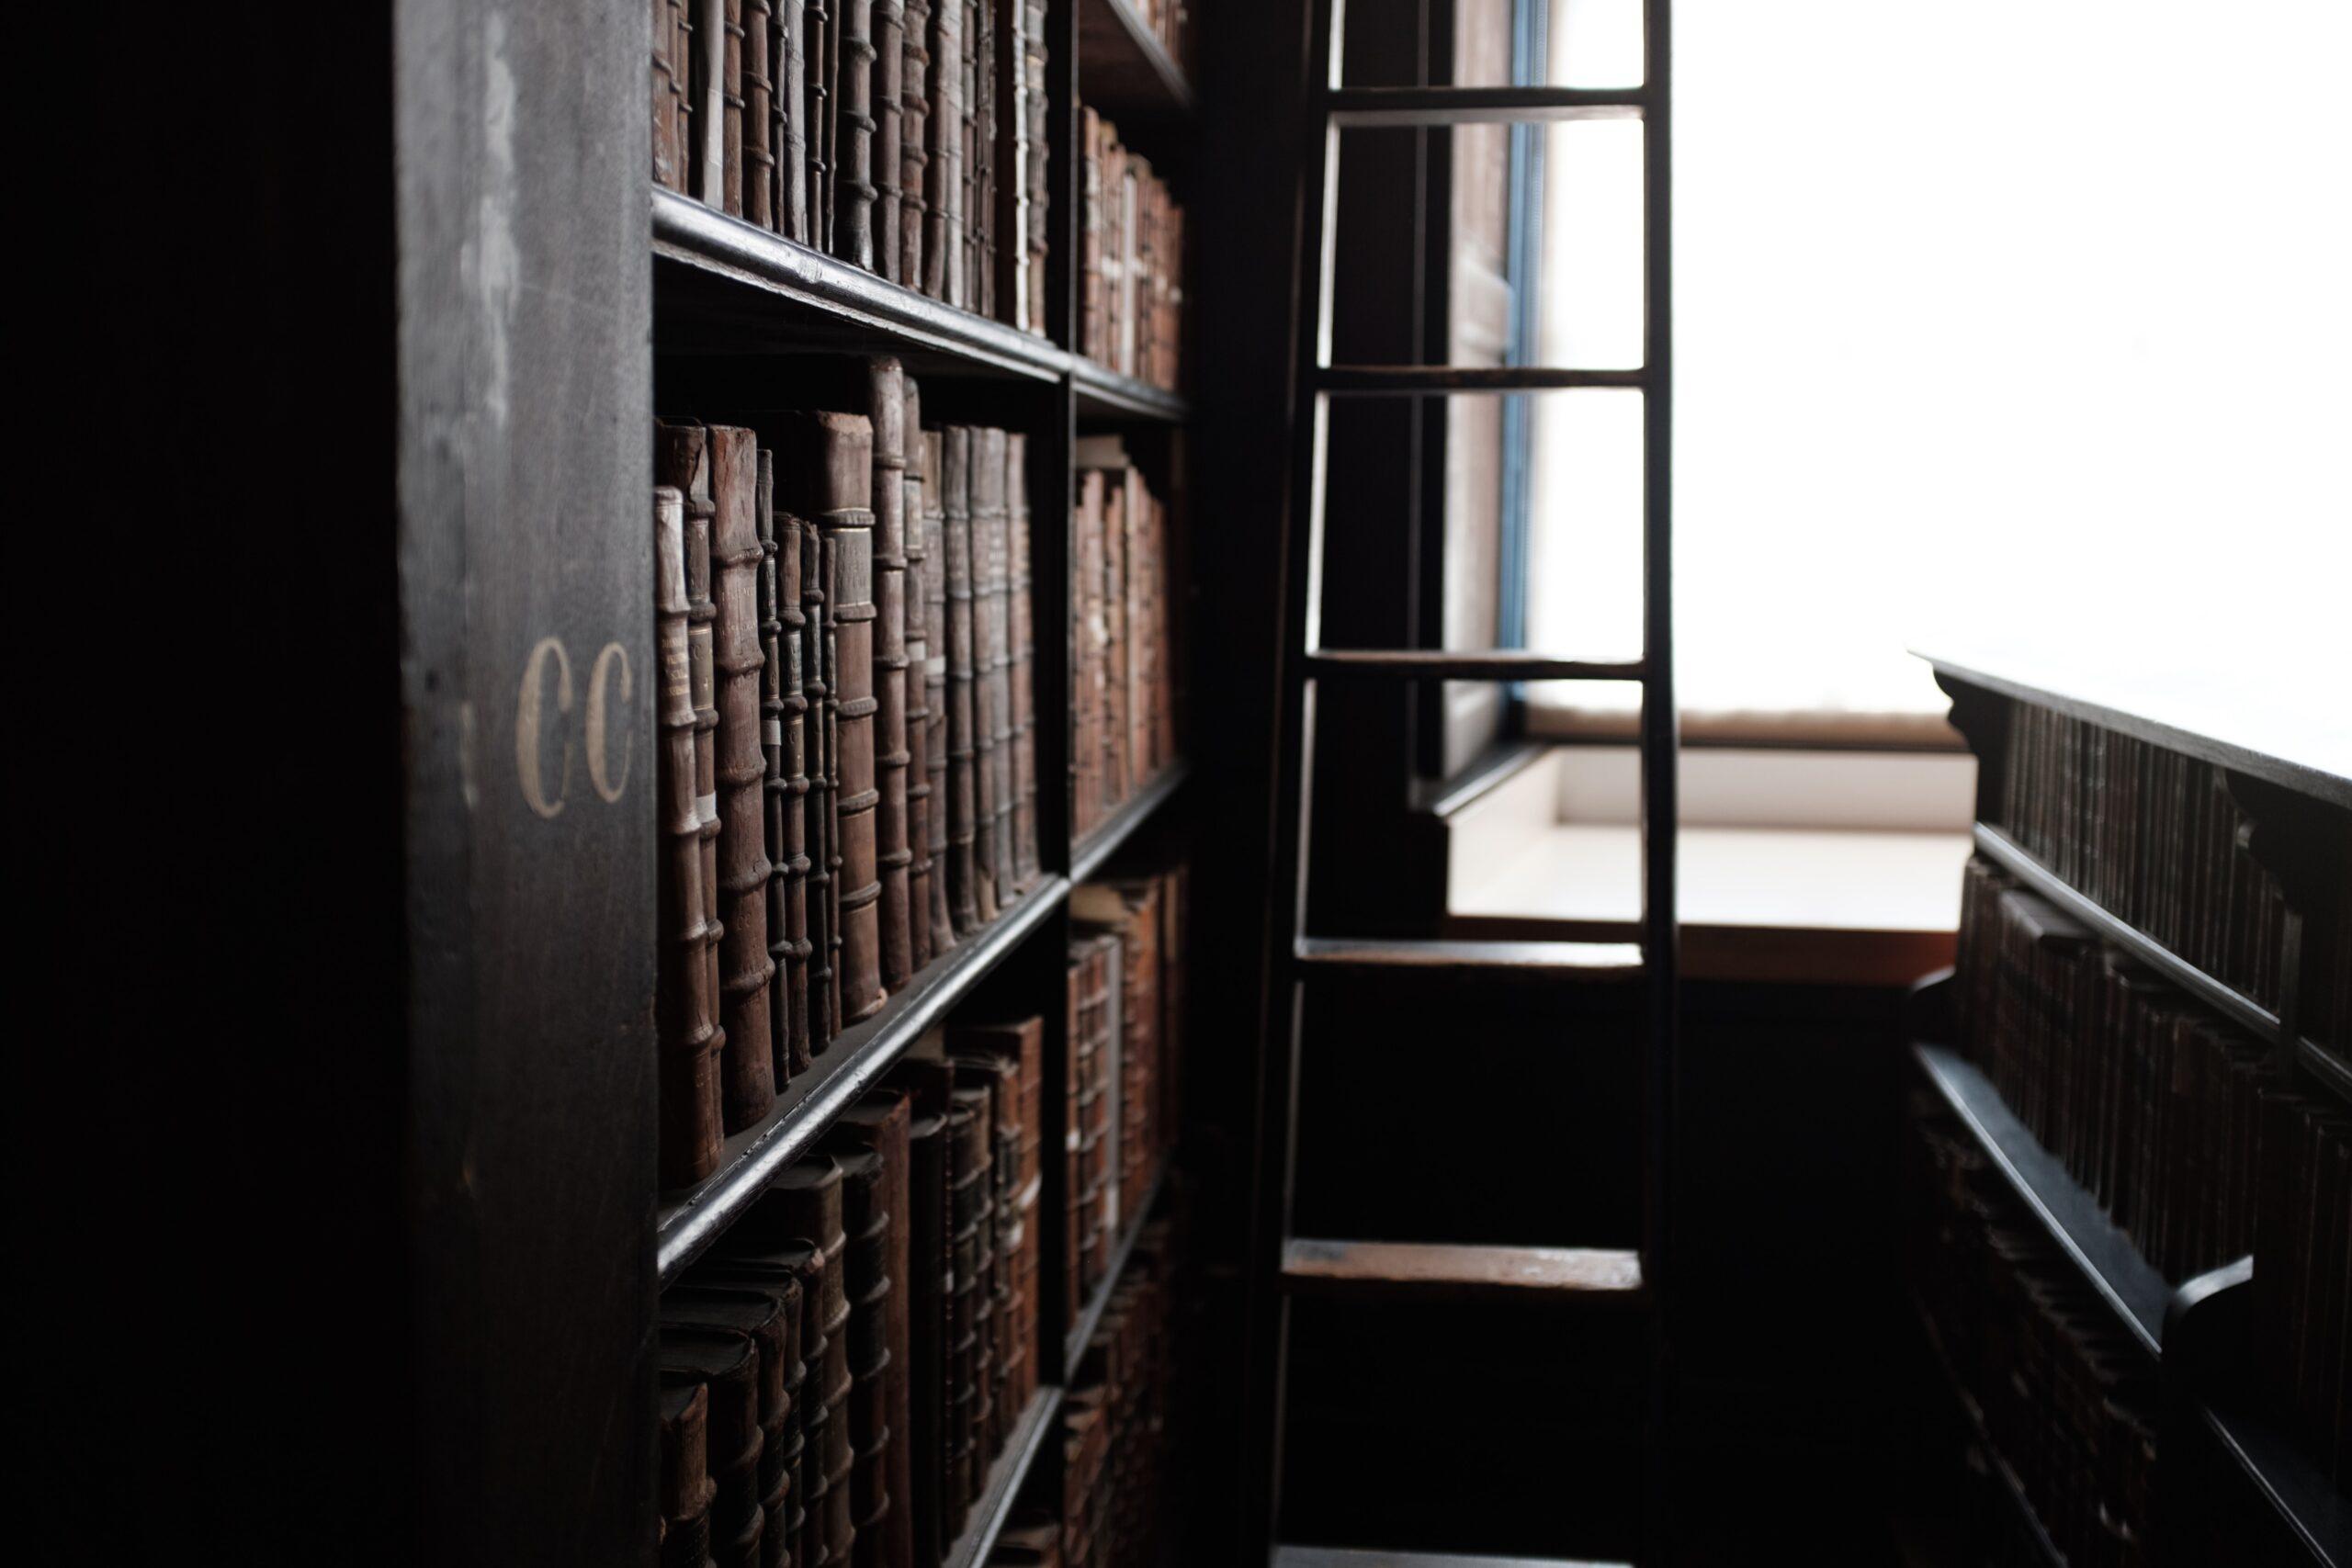 photo of a ladder next to a bookshelf